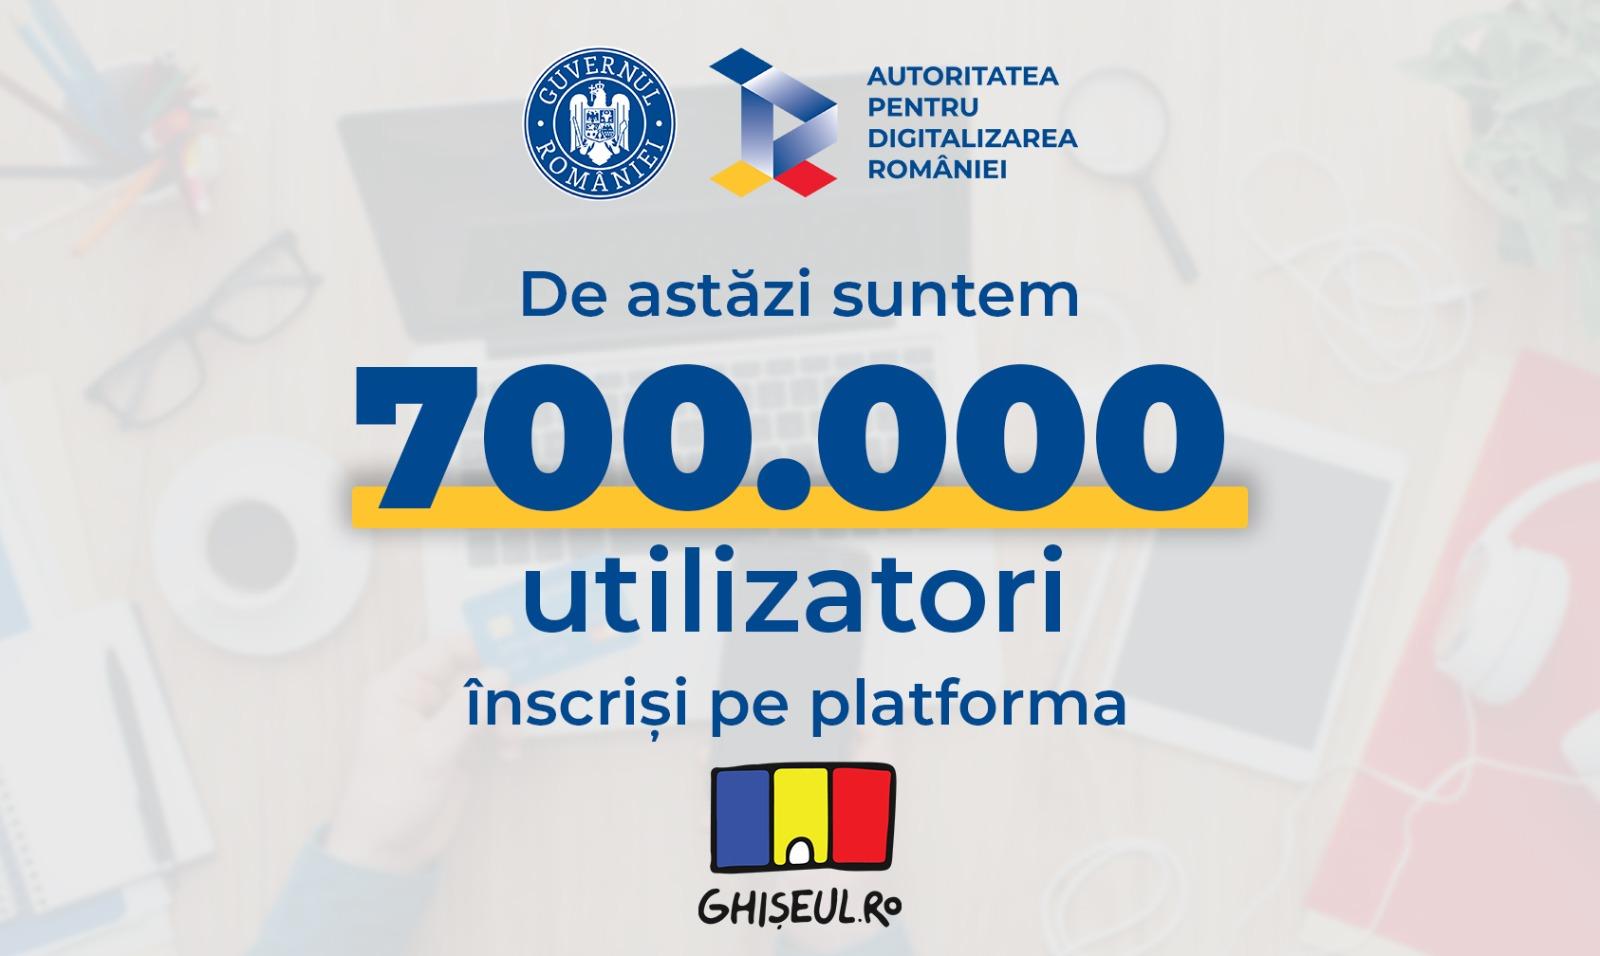 Peste 700.000 de utilizatori s-au înscris în platforma Ghişeul.ro